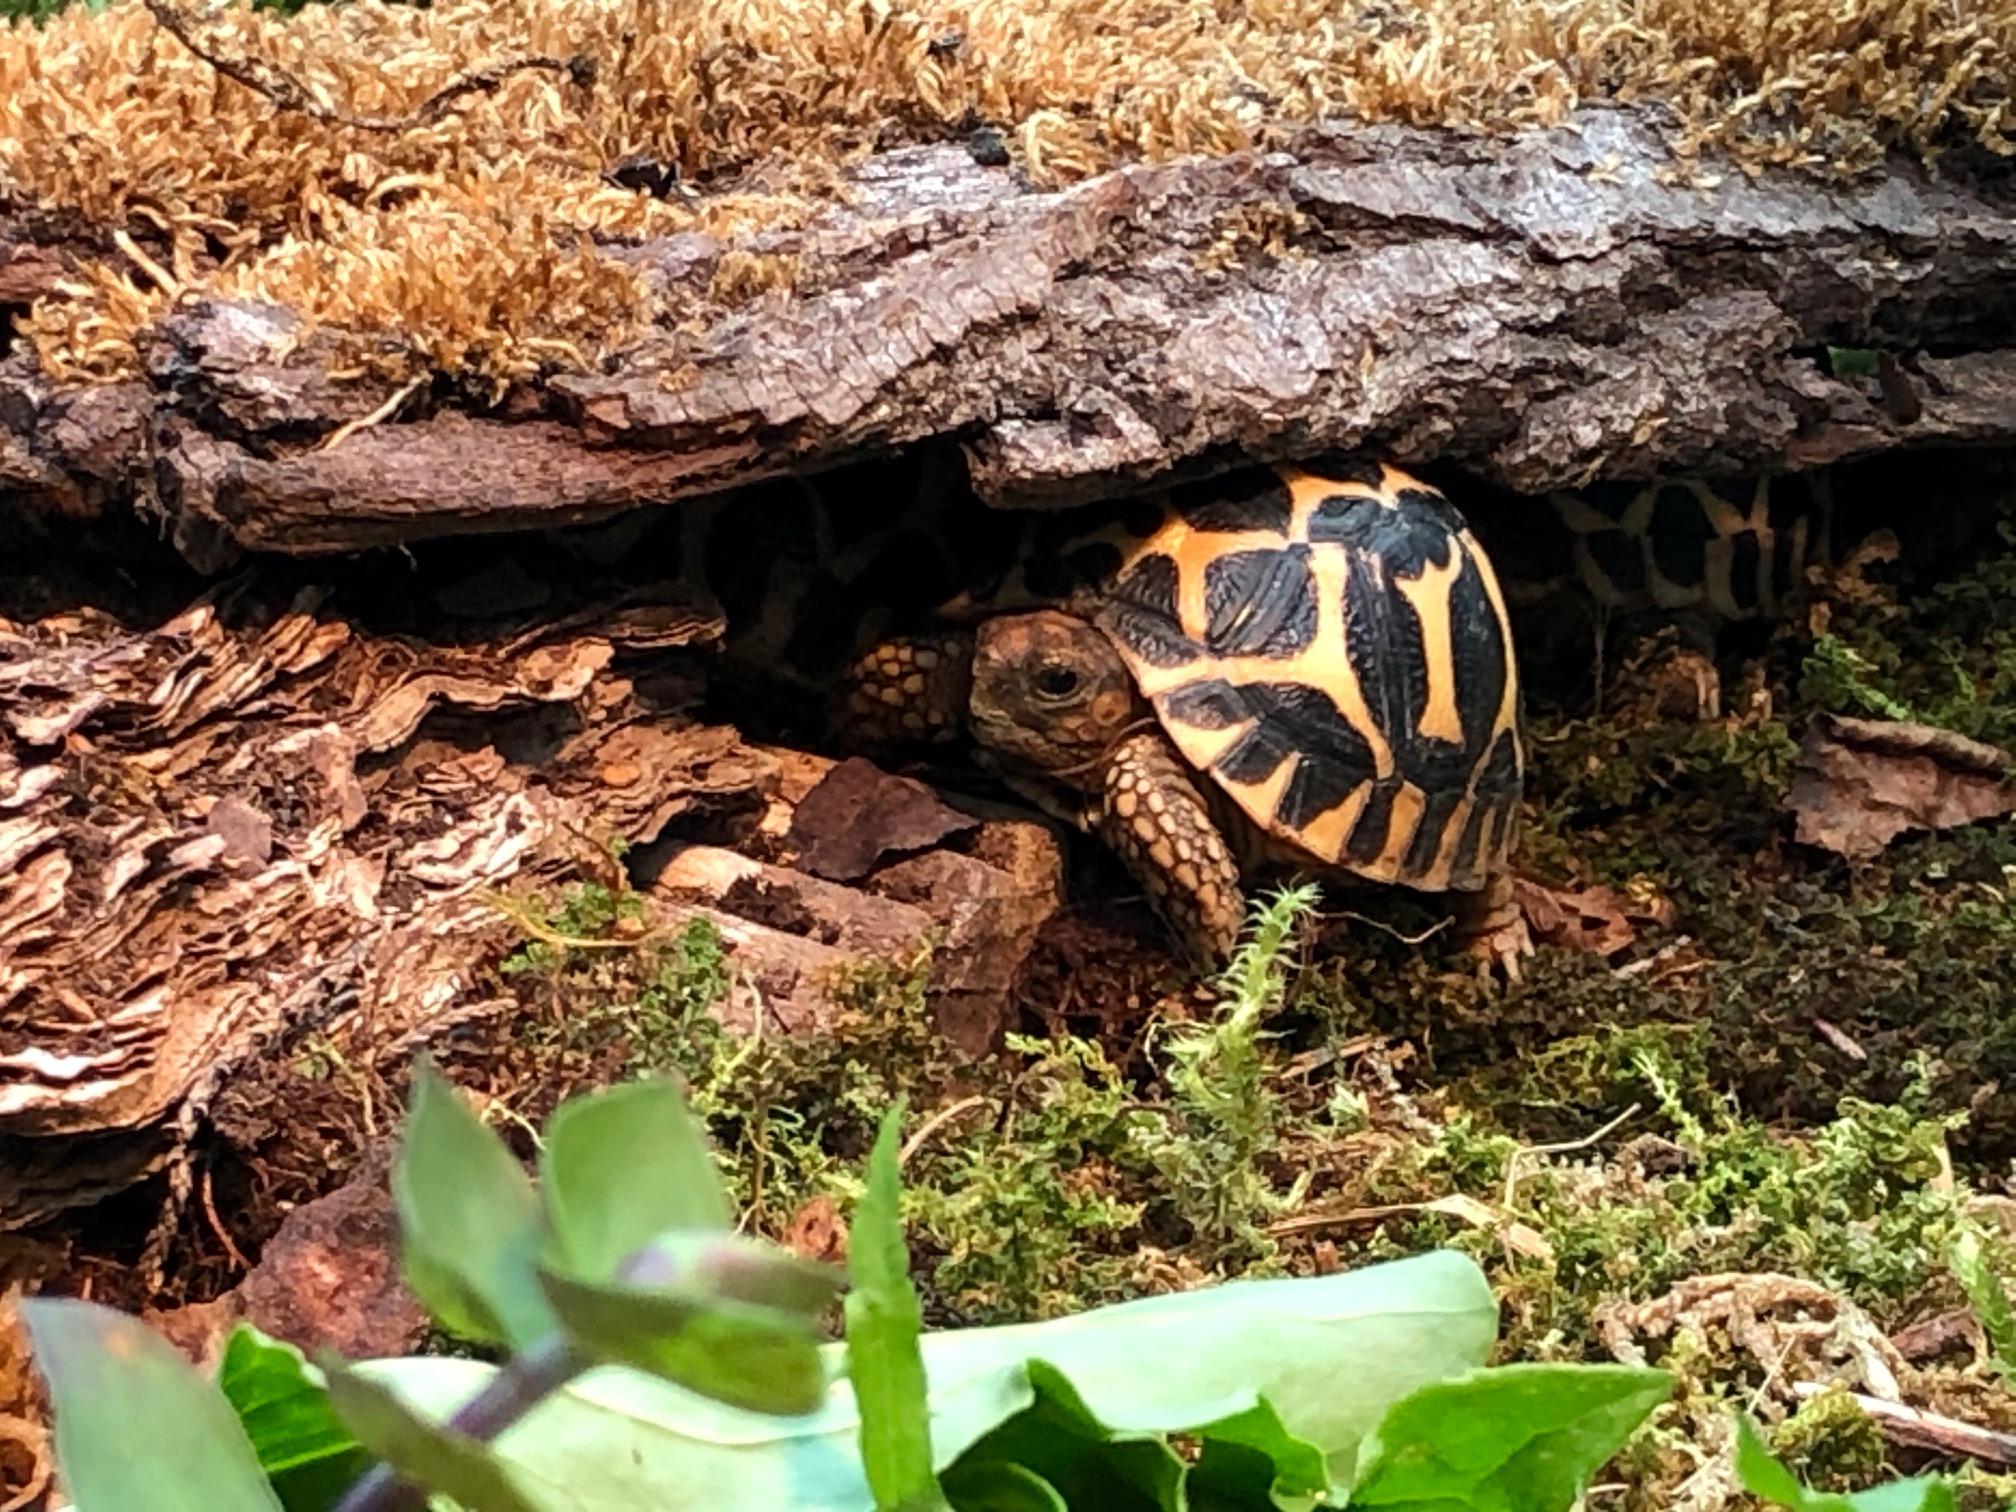 Junge Sternschildkröte